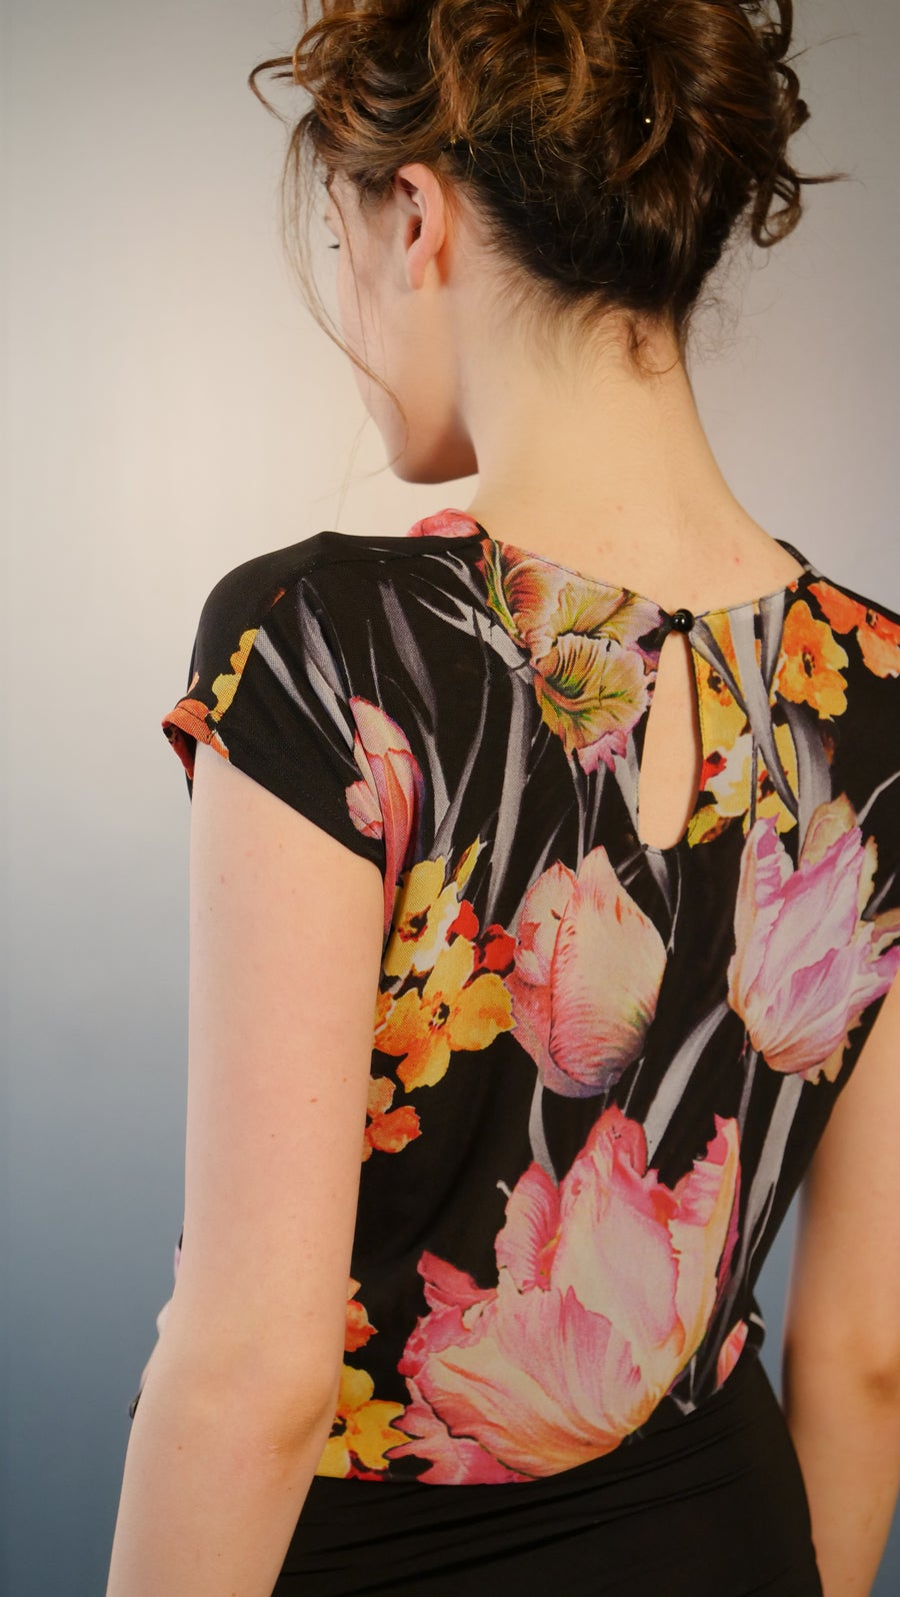 Image of Rikoko Top - Floral E1289/E7153 Dancewear latin ballroom